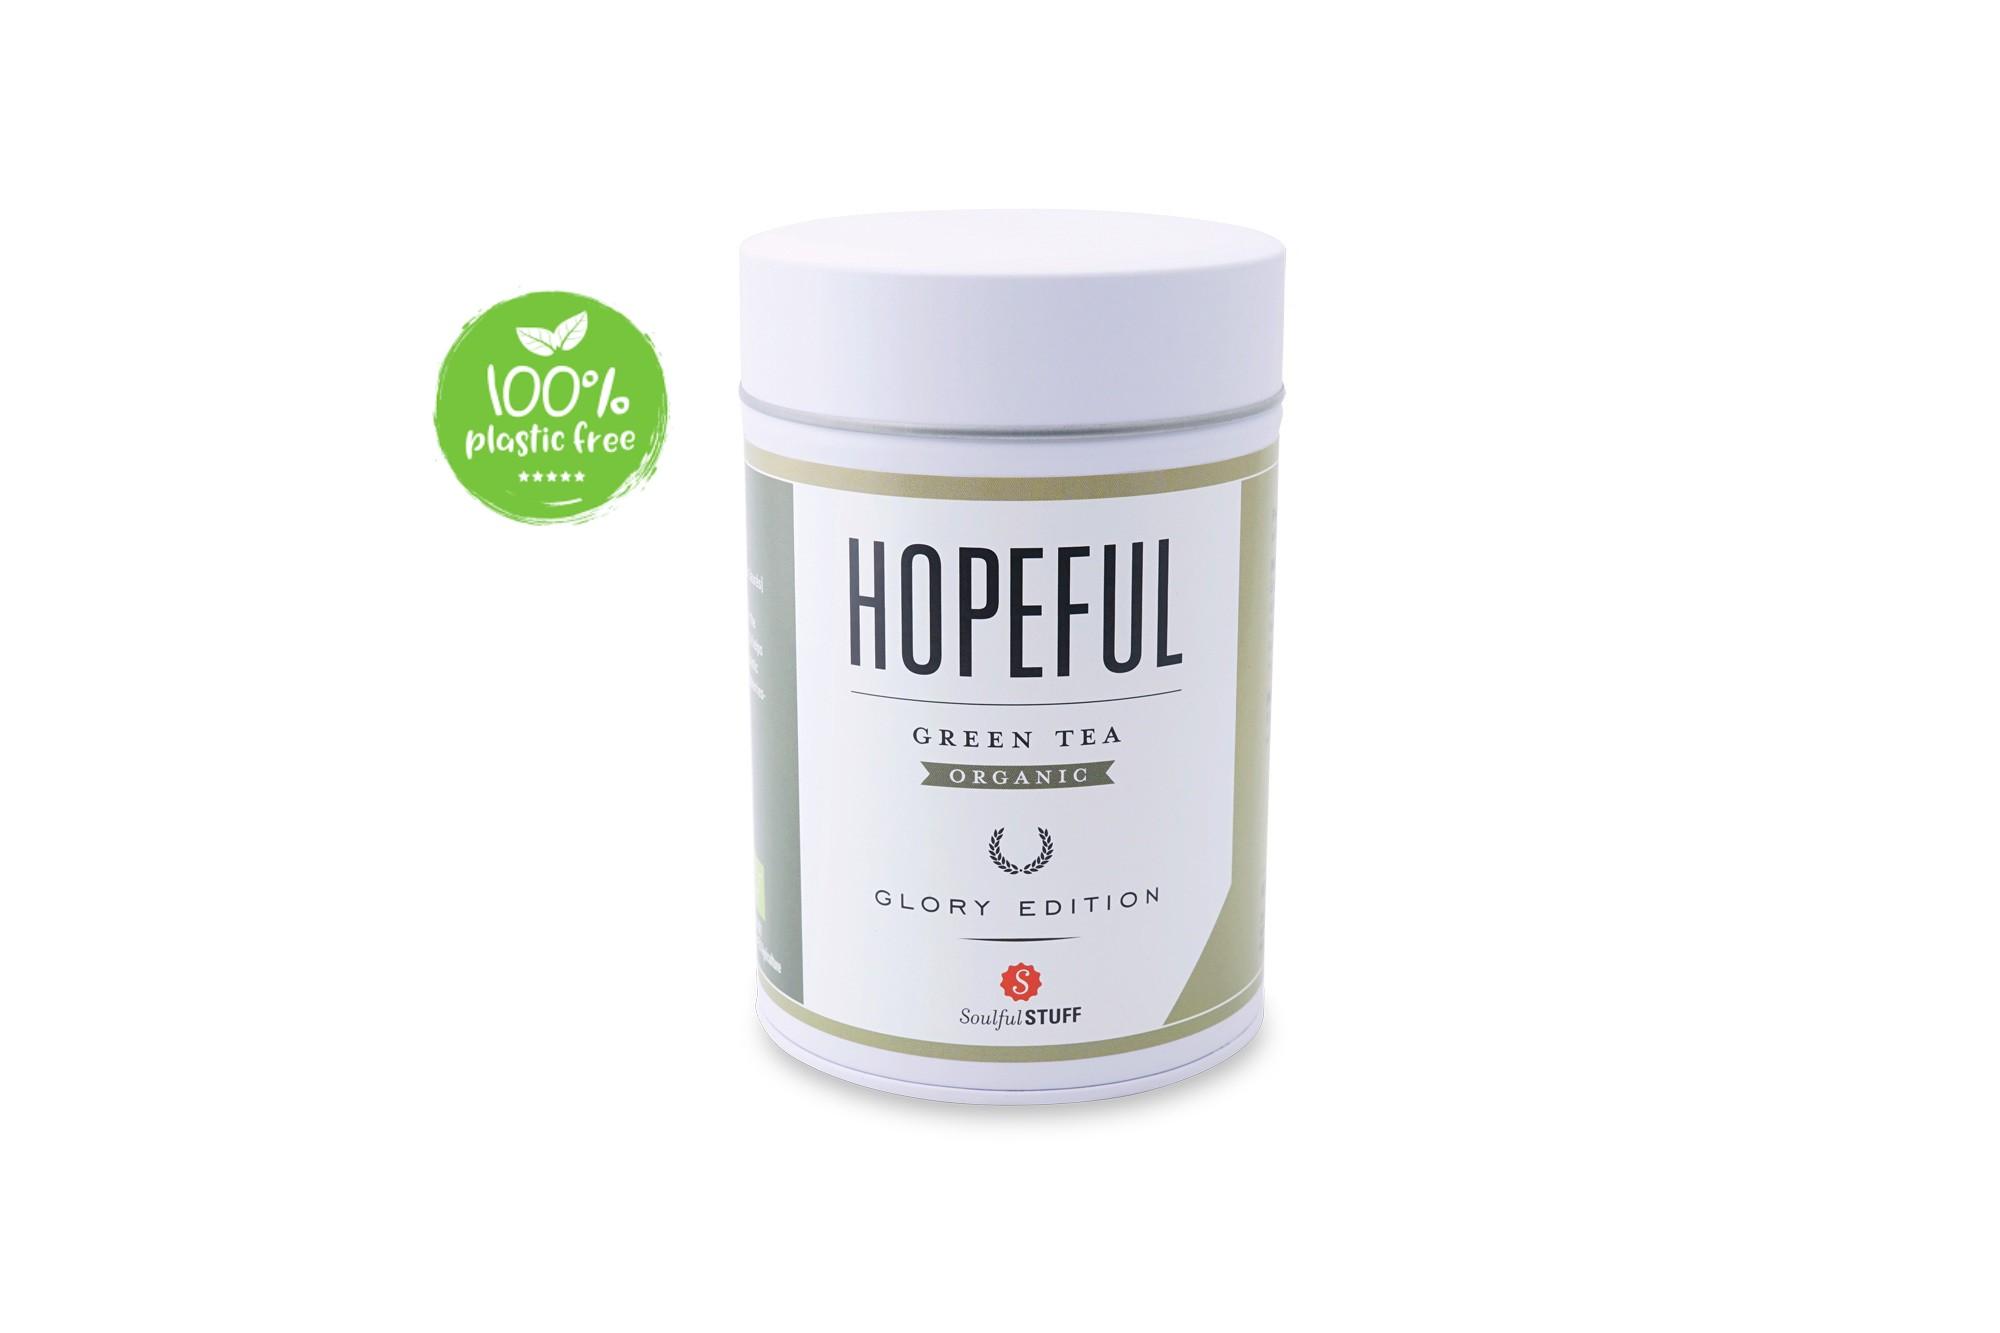 Hopeful Green Tea Organic Blik 100gr. Intertee bij webshop Natuurgroothandel